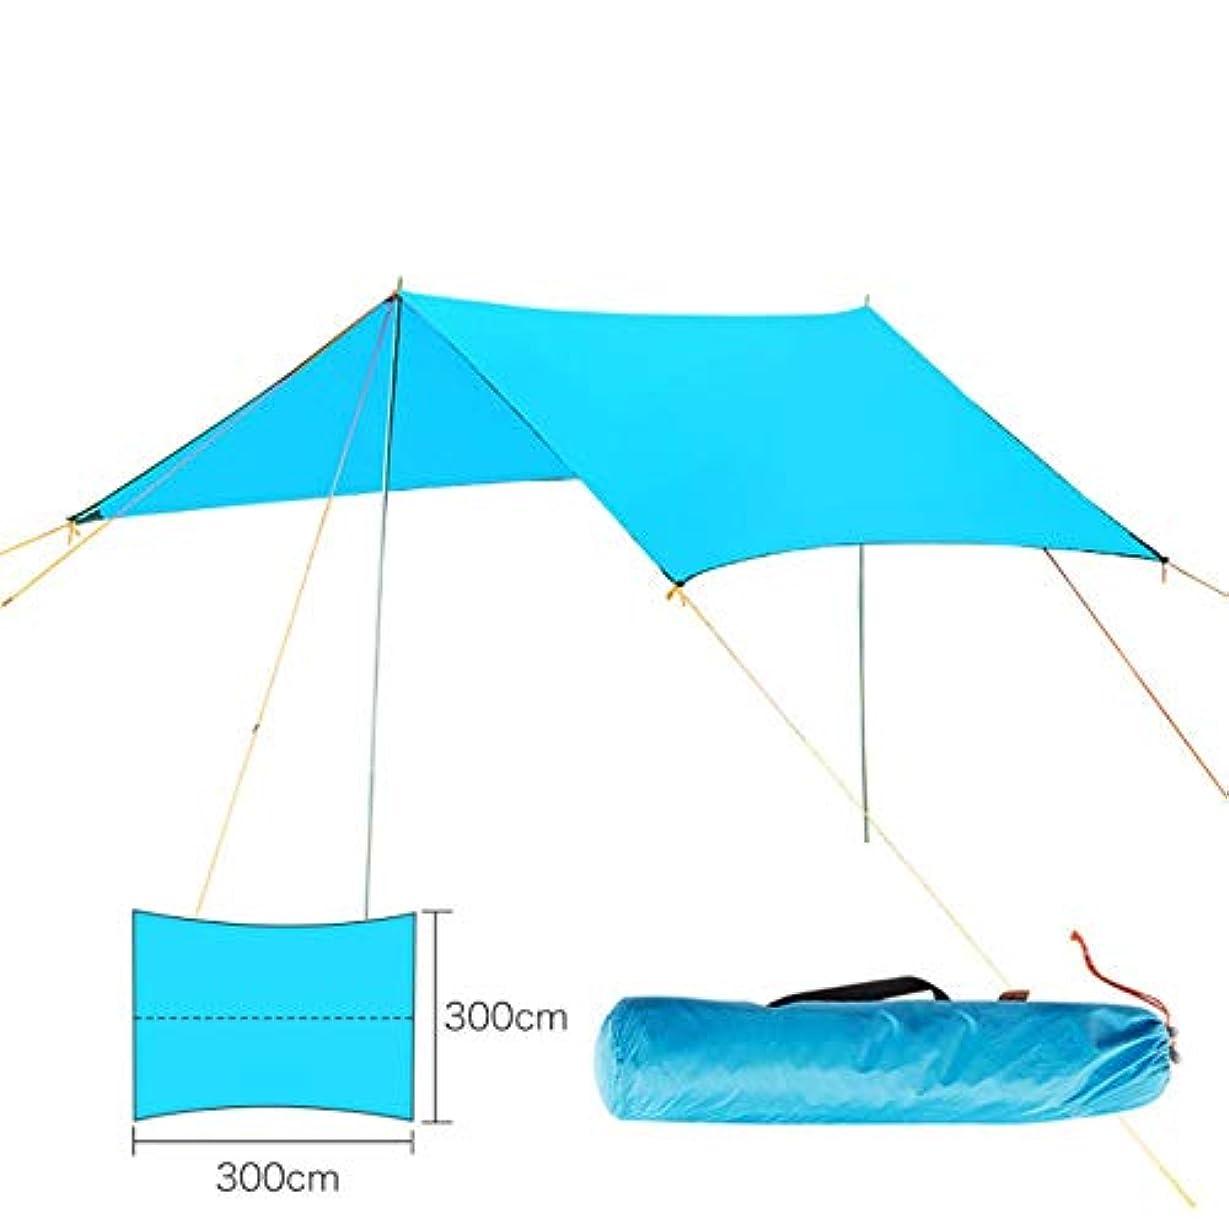 知人表面反対したOkiiting 屋外旅行テント9.8x9.8ft紫外線保護防水強風ウェアラブルポータブルテント品質保証 うまく設計された (色 : 青, サイズ : Free size)